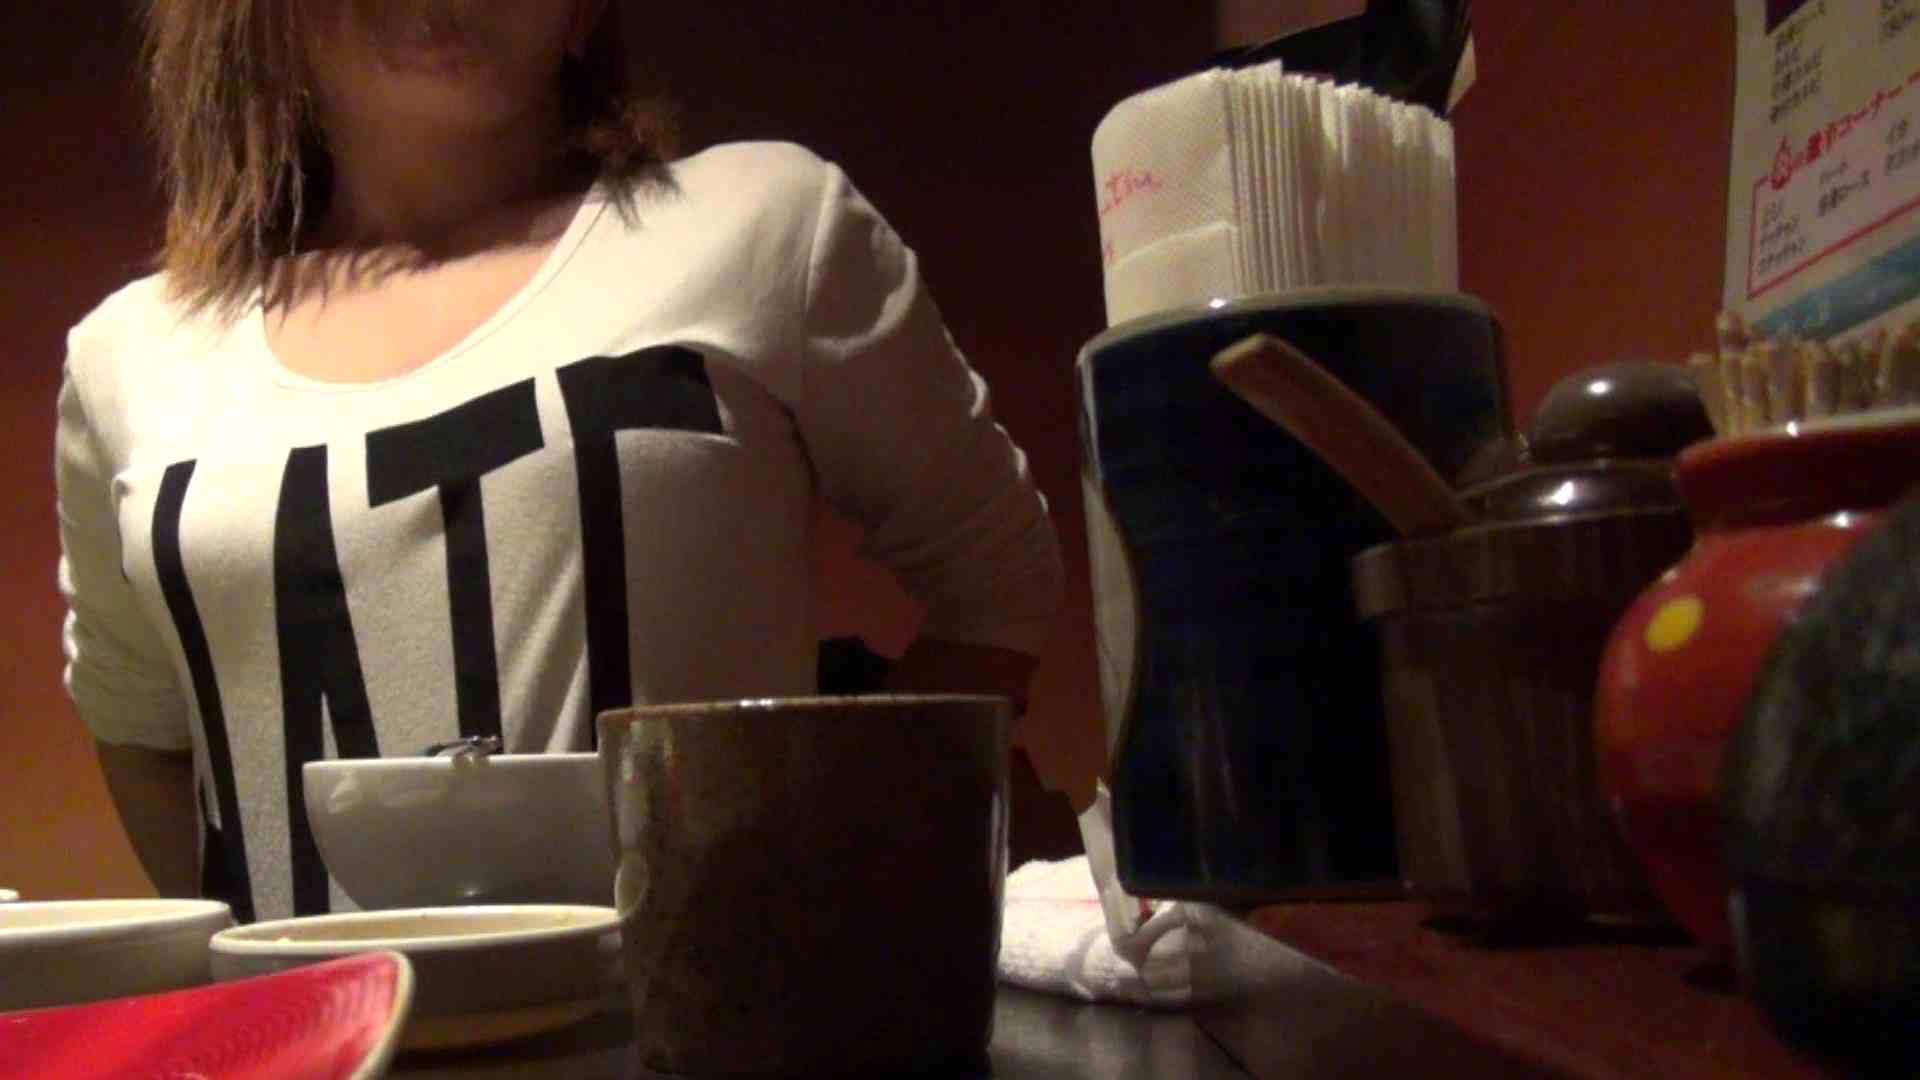 【出会い01】大助さんMちゃんと食事会 0  53連発 45